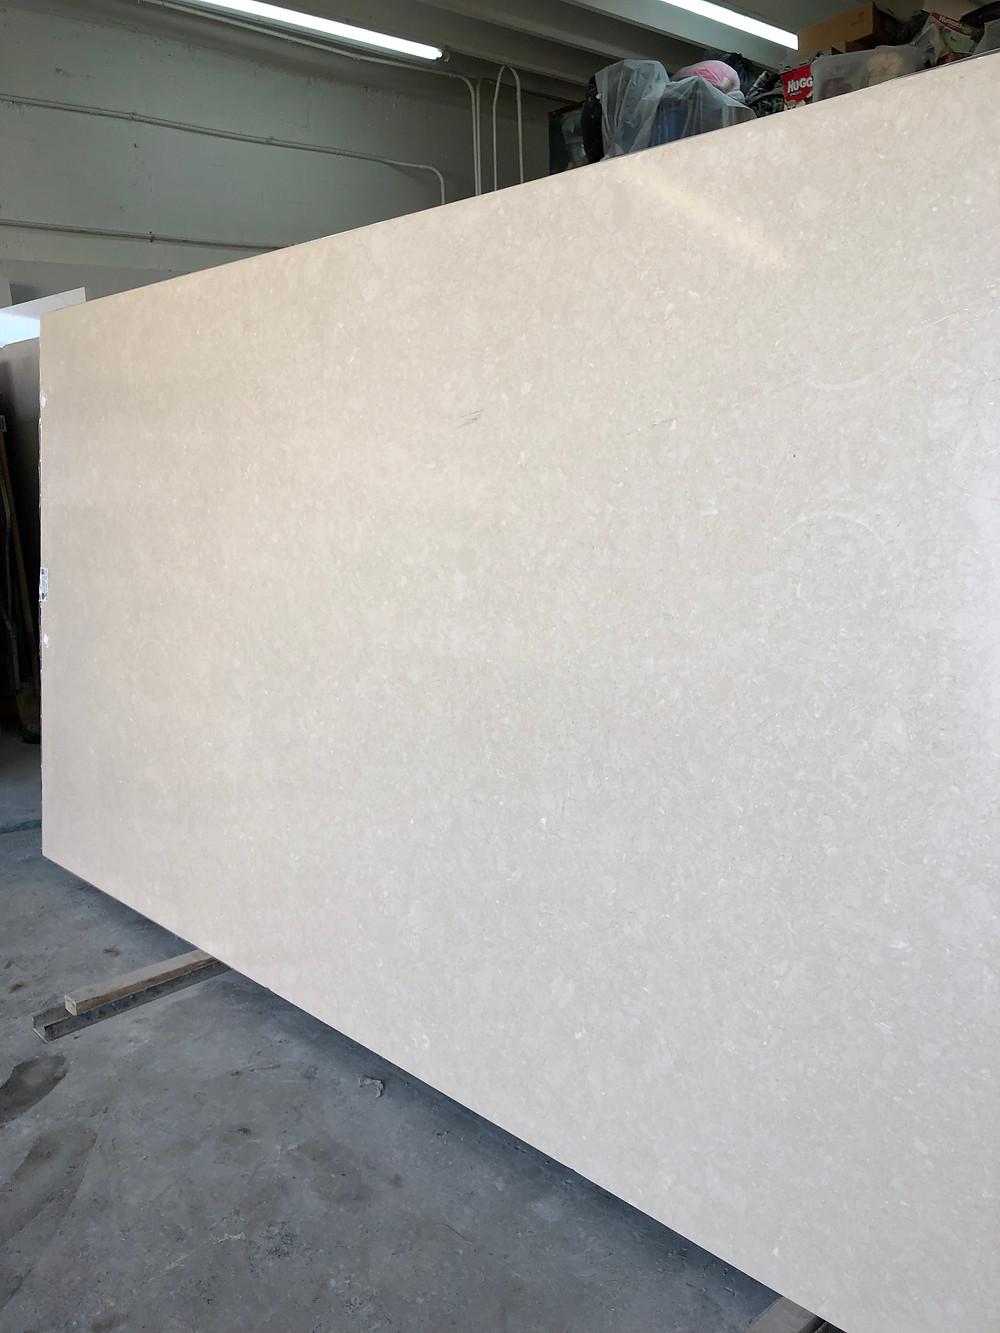 Cambria quartz countertops Boca Raton FL. Contact Stone and Quartz LLC